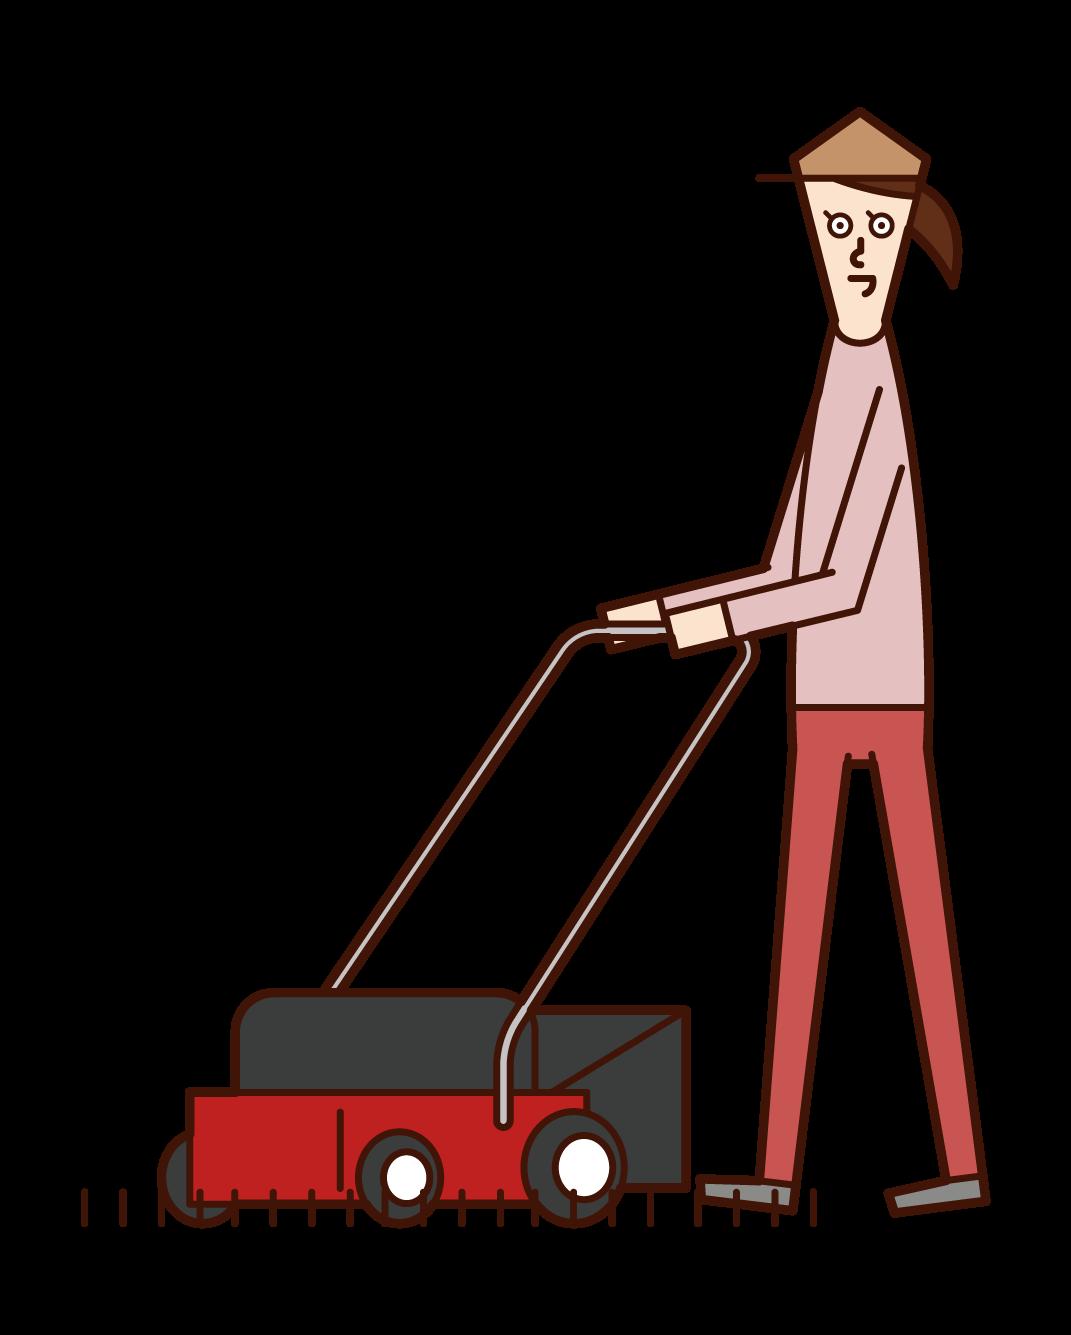 芝刈り機を使う人(女性)のイラスト